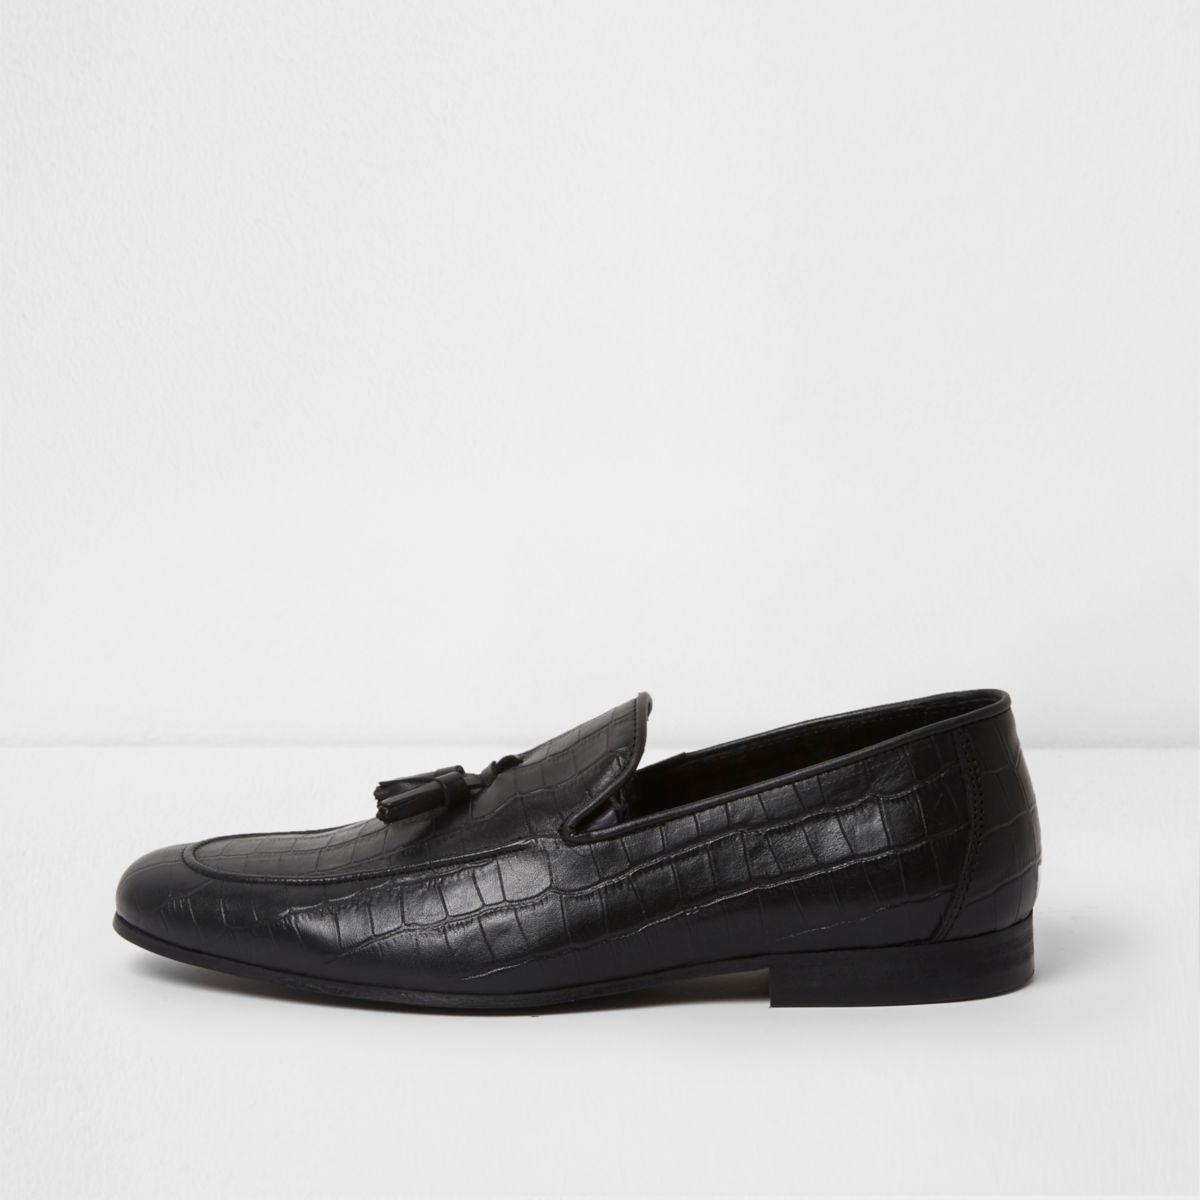 Zwarte leren loafers met krokodillenprint en reliëf